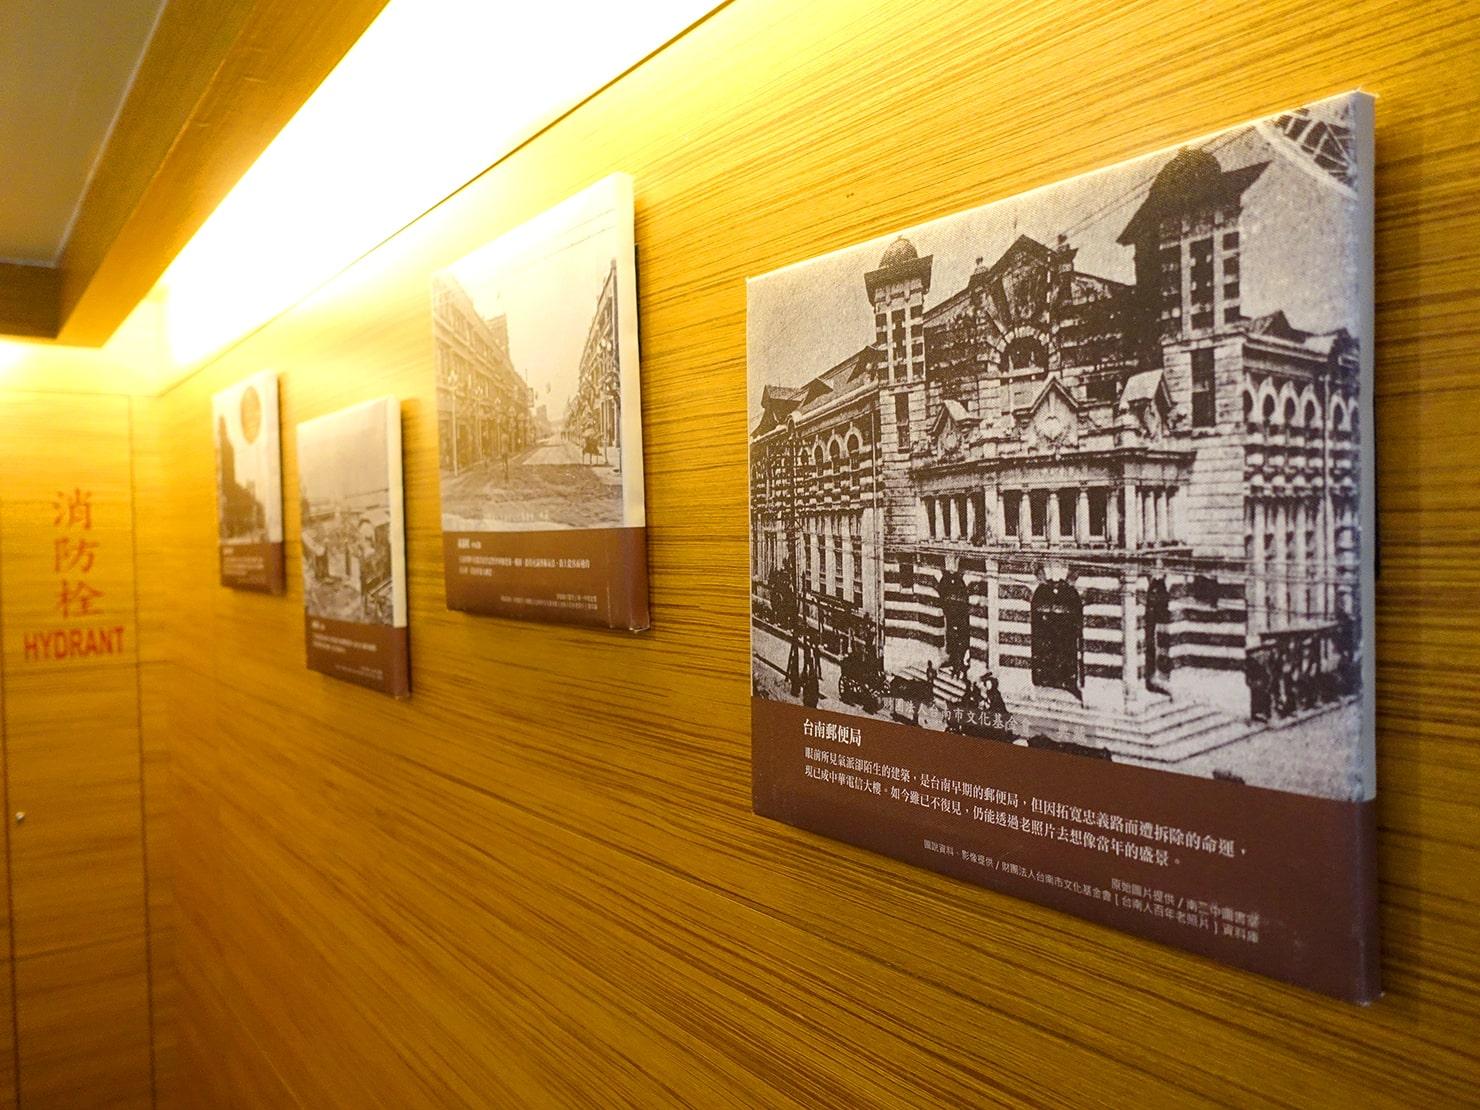 台南駅が目の前の老舗ホテル「台南大飯店 Hotel Tainan」のエレベーターホールに展示された昔の台南市街の写真